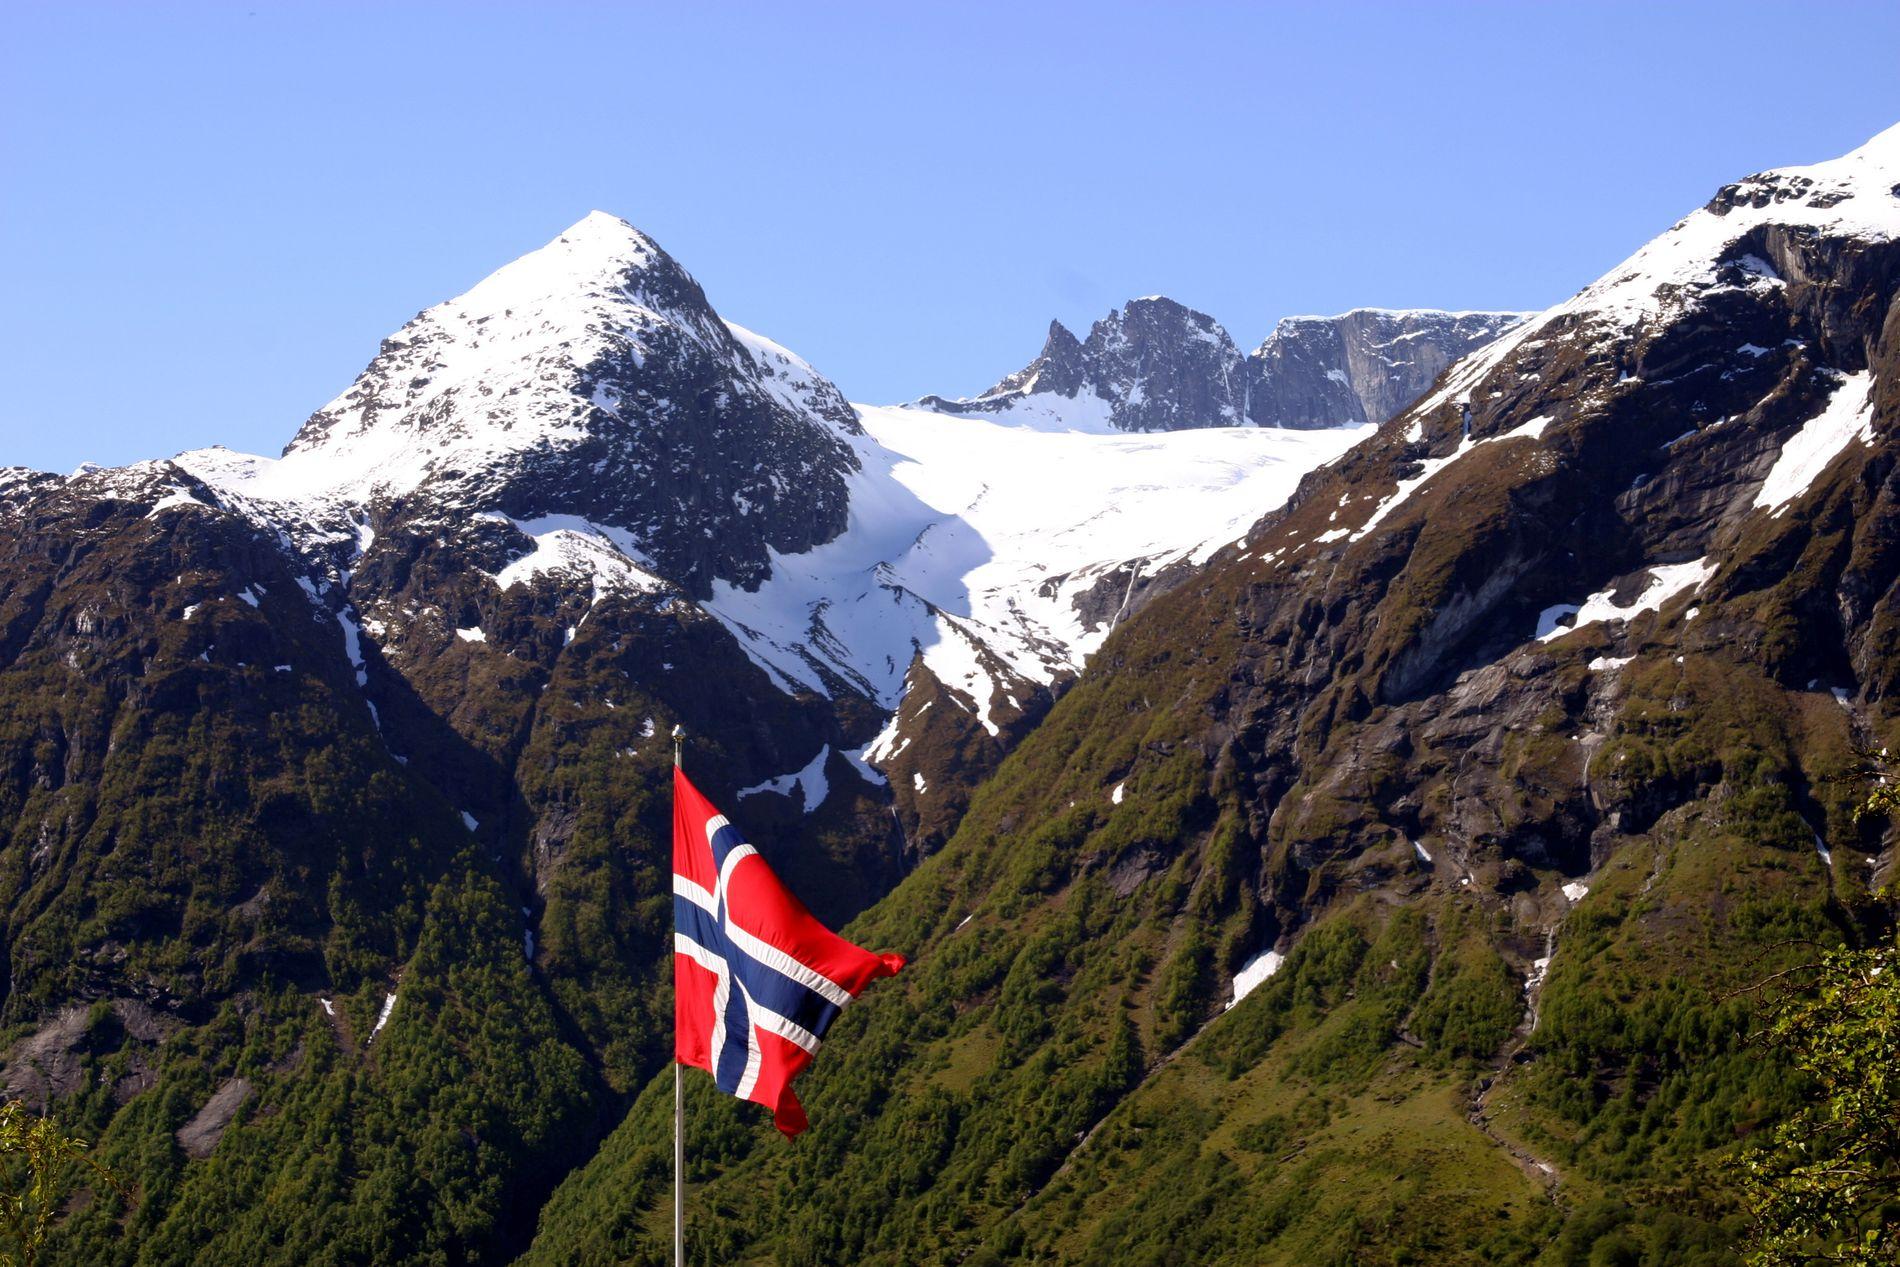 SÆRNORSK FENOMEN: Det er ingen grunn til at nordmenn skal være oftere borte fra jobben enn folk i andre land, mener innsenderne.